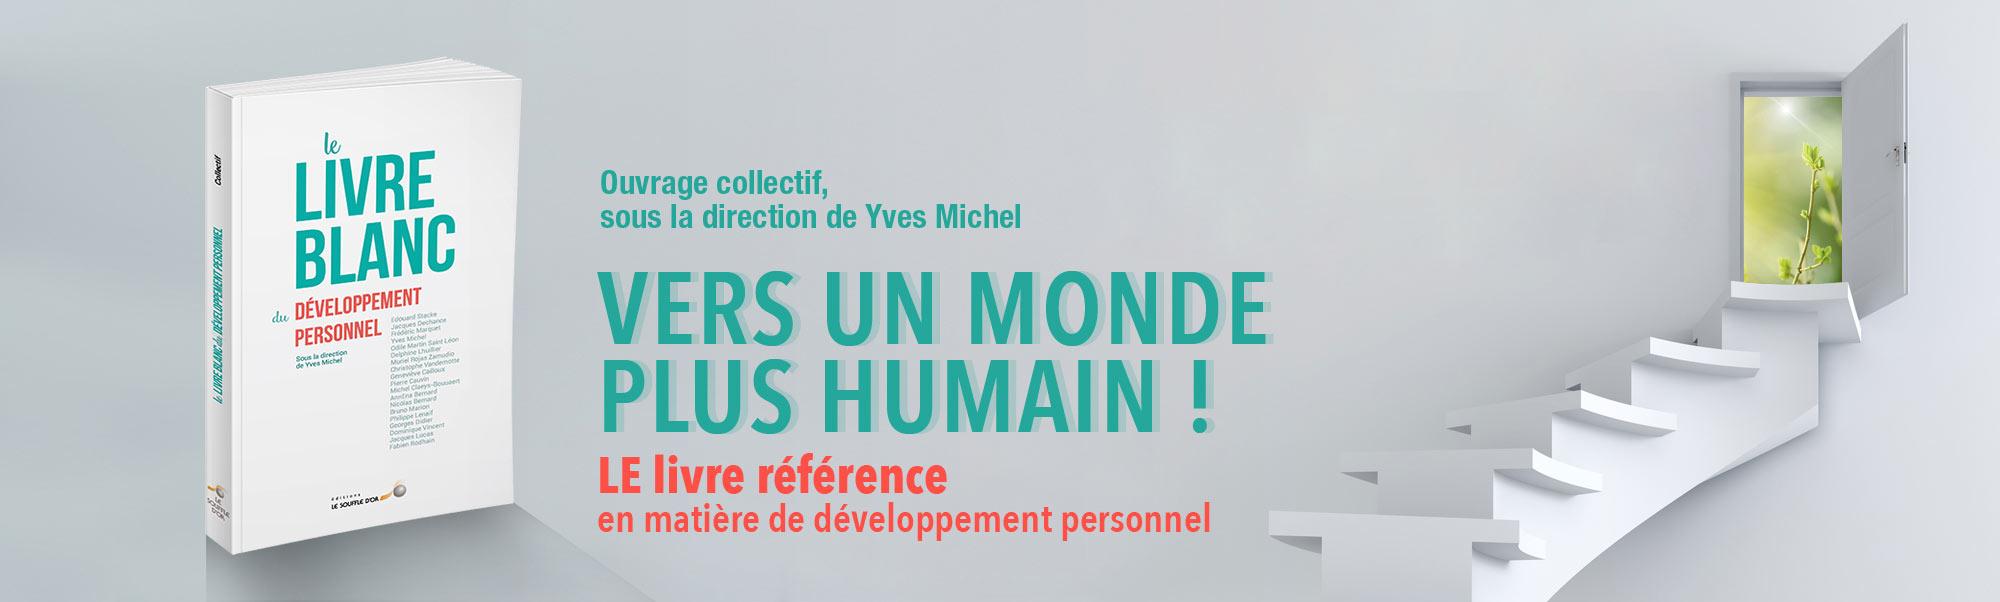 Nouveauté livre : Le livre blanc du développement personnel